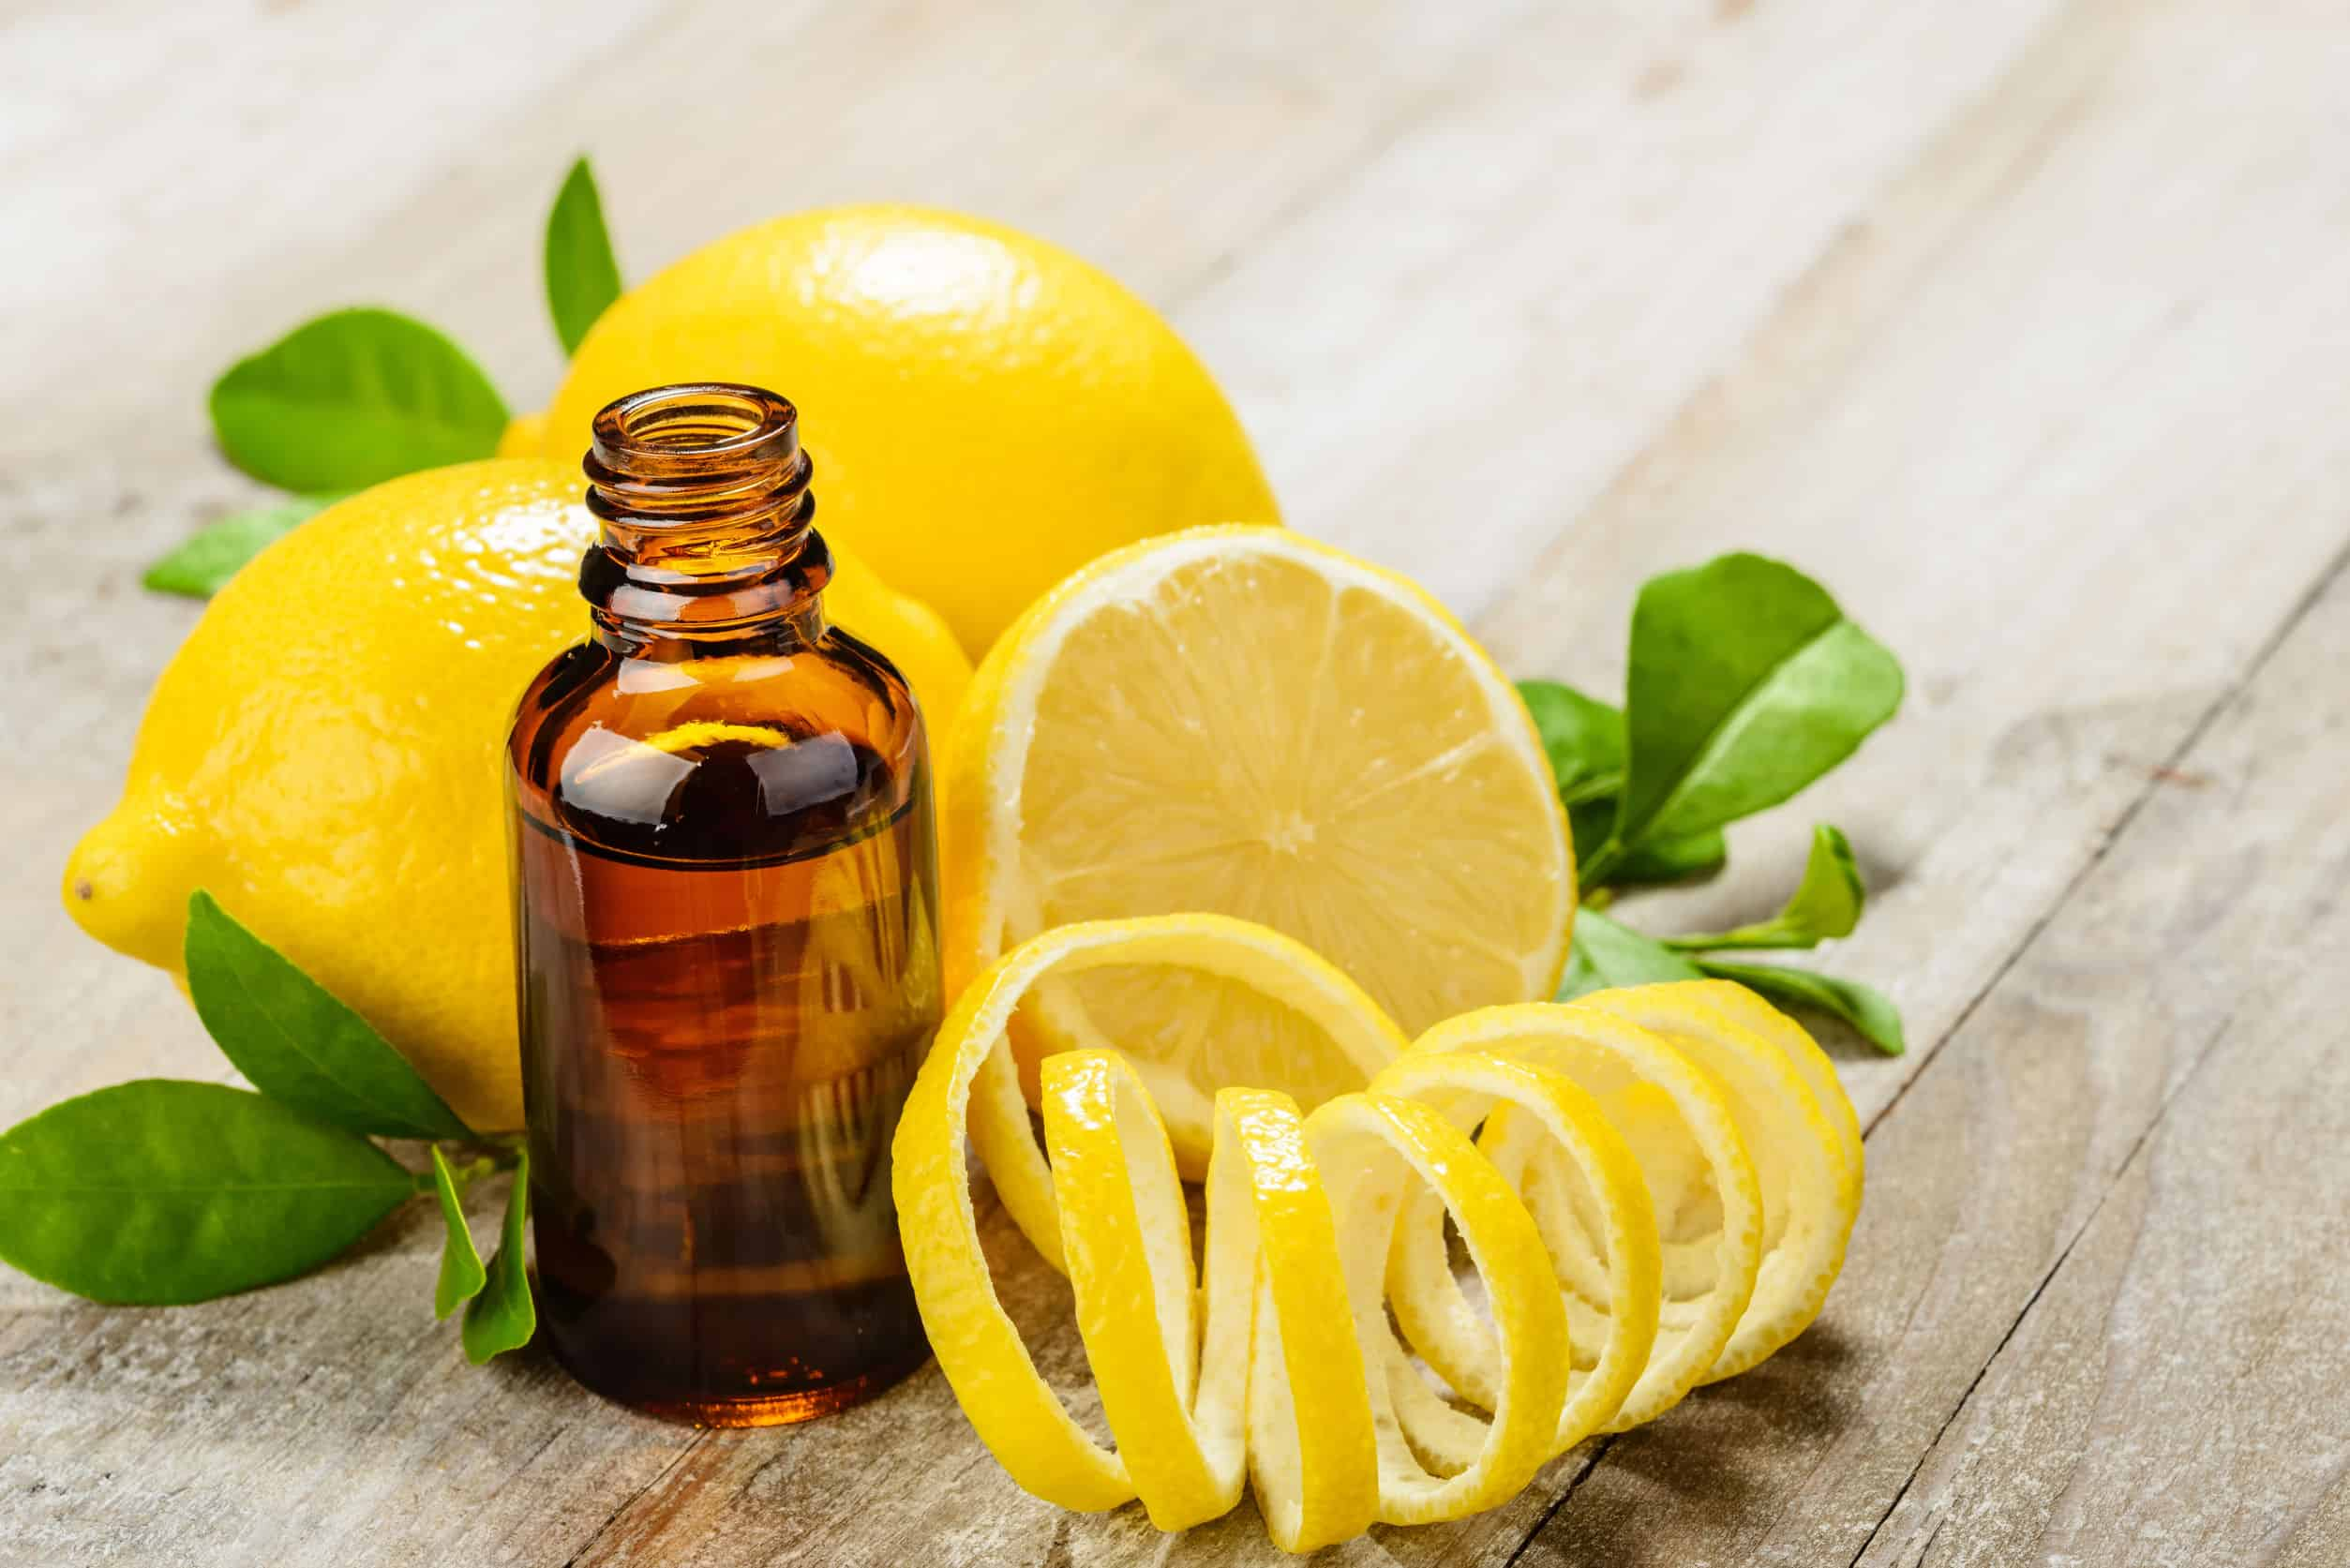 Zitronenöl: Test & Empfehlungen (04/21)